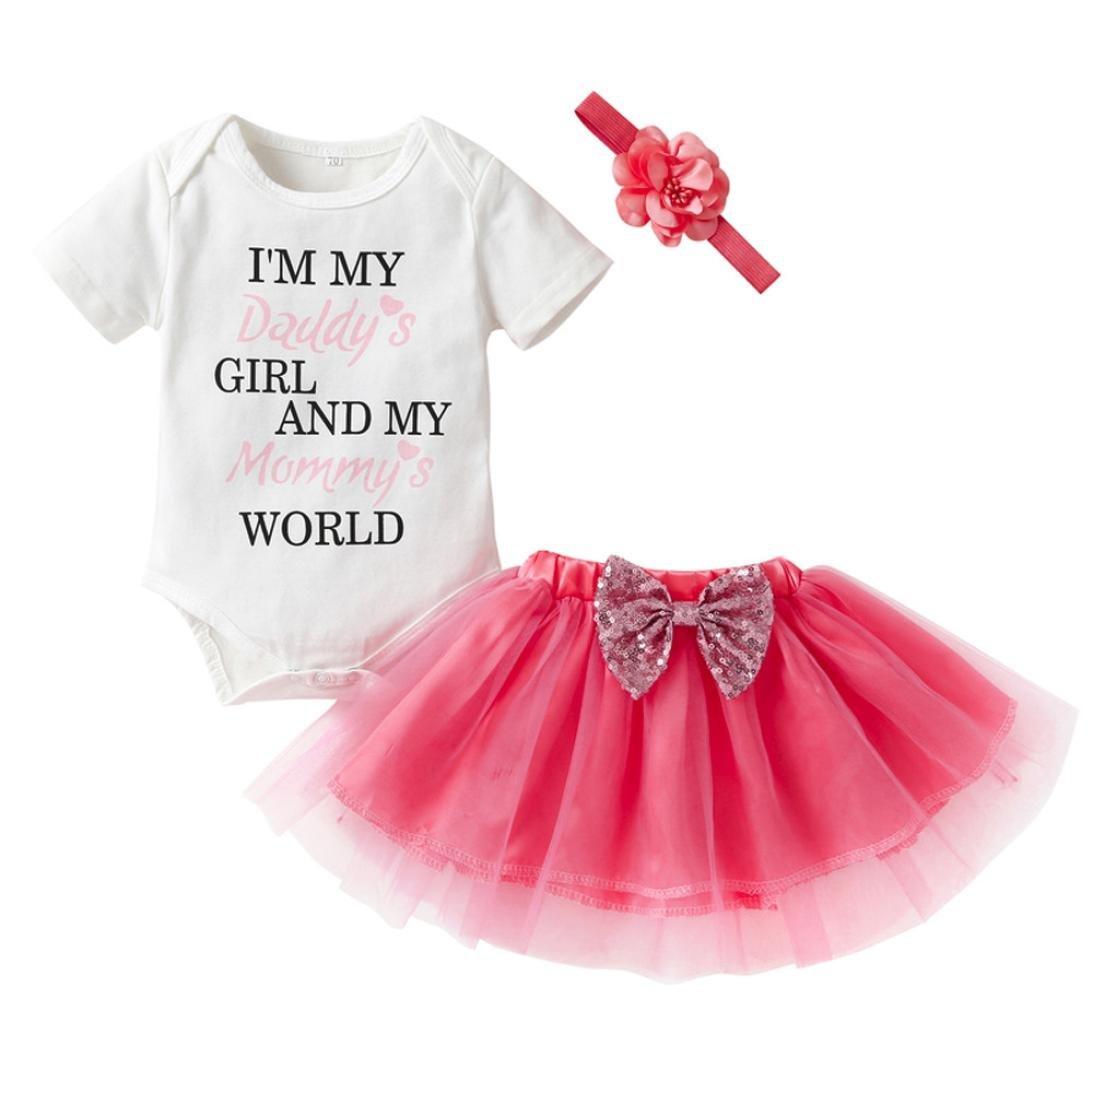 Ropa de Bebé, RETUROM 2018 3 piezas recién nacido bebé carta mameluco Tops + Tutu falda ropa conjunto RETUROM 2018 3 piezas recién nacido bebé carta mameluco Tops + Tutu falda ropa conjunto